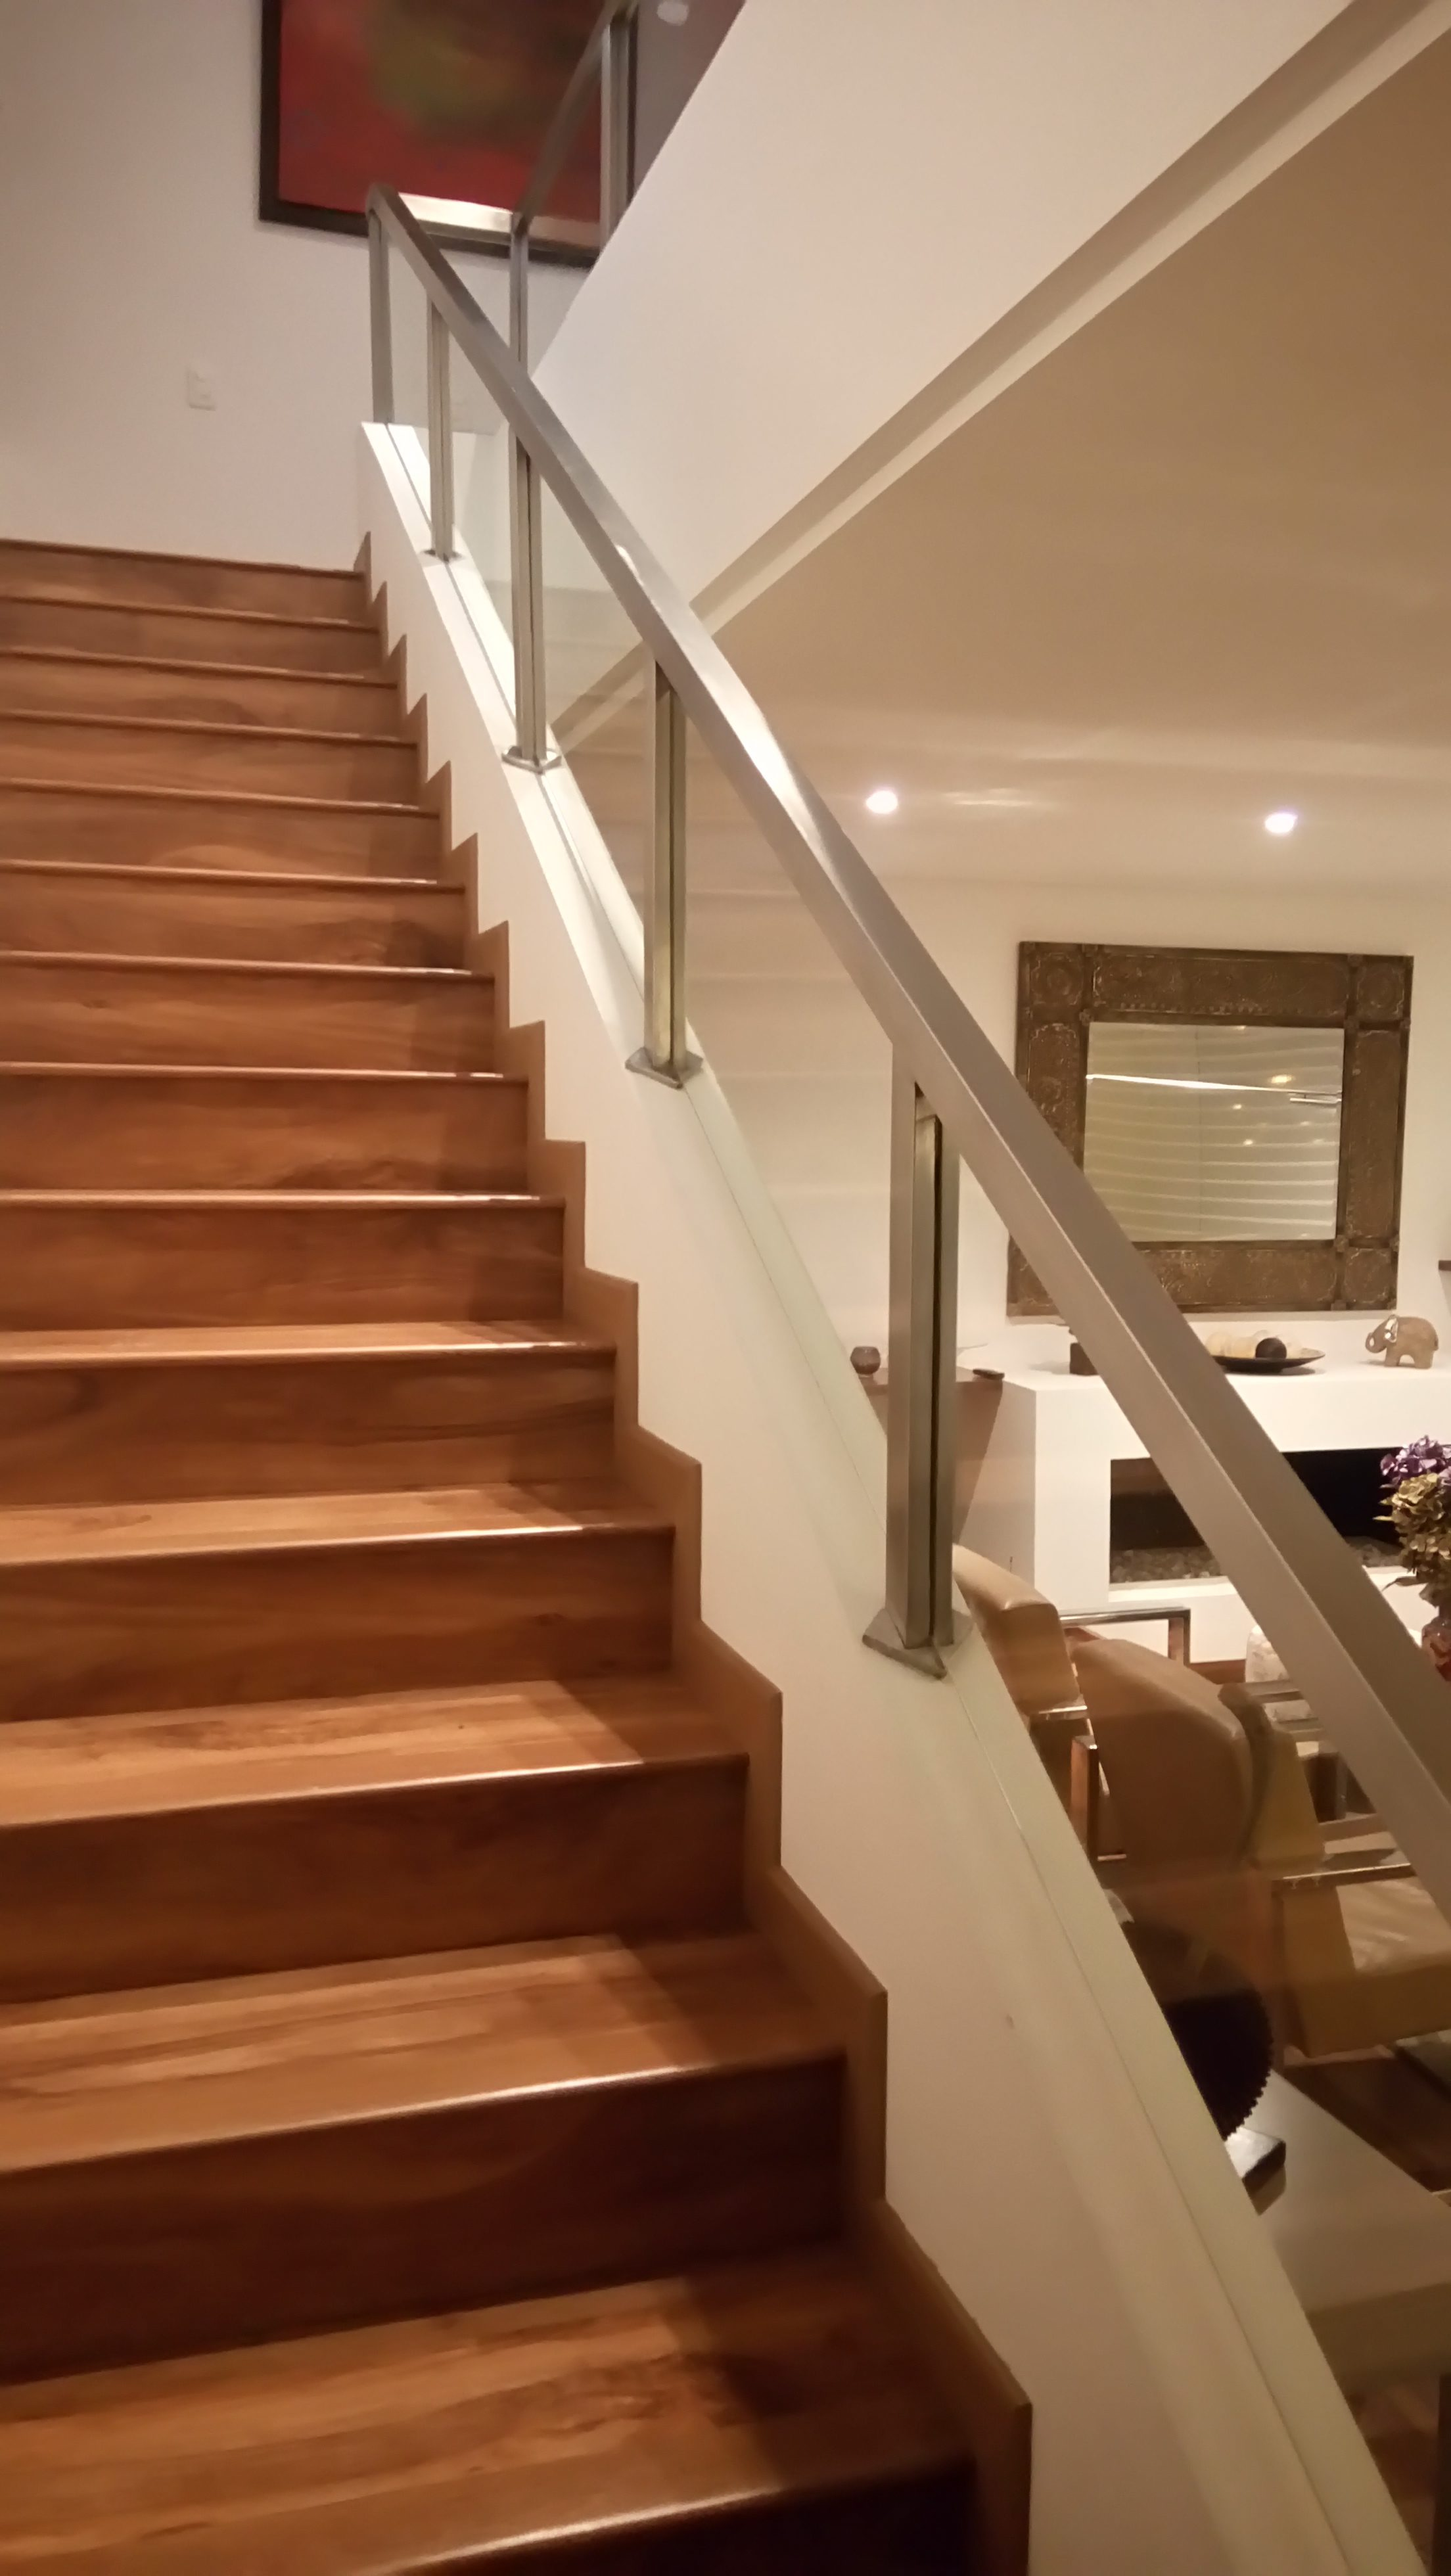 barandas para escaleras modernas